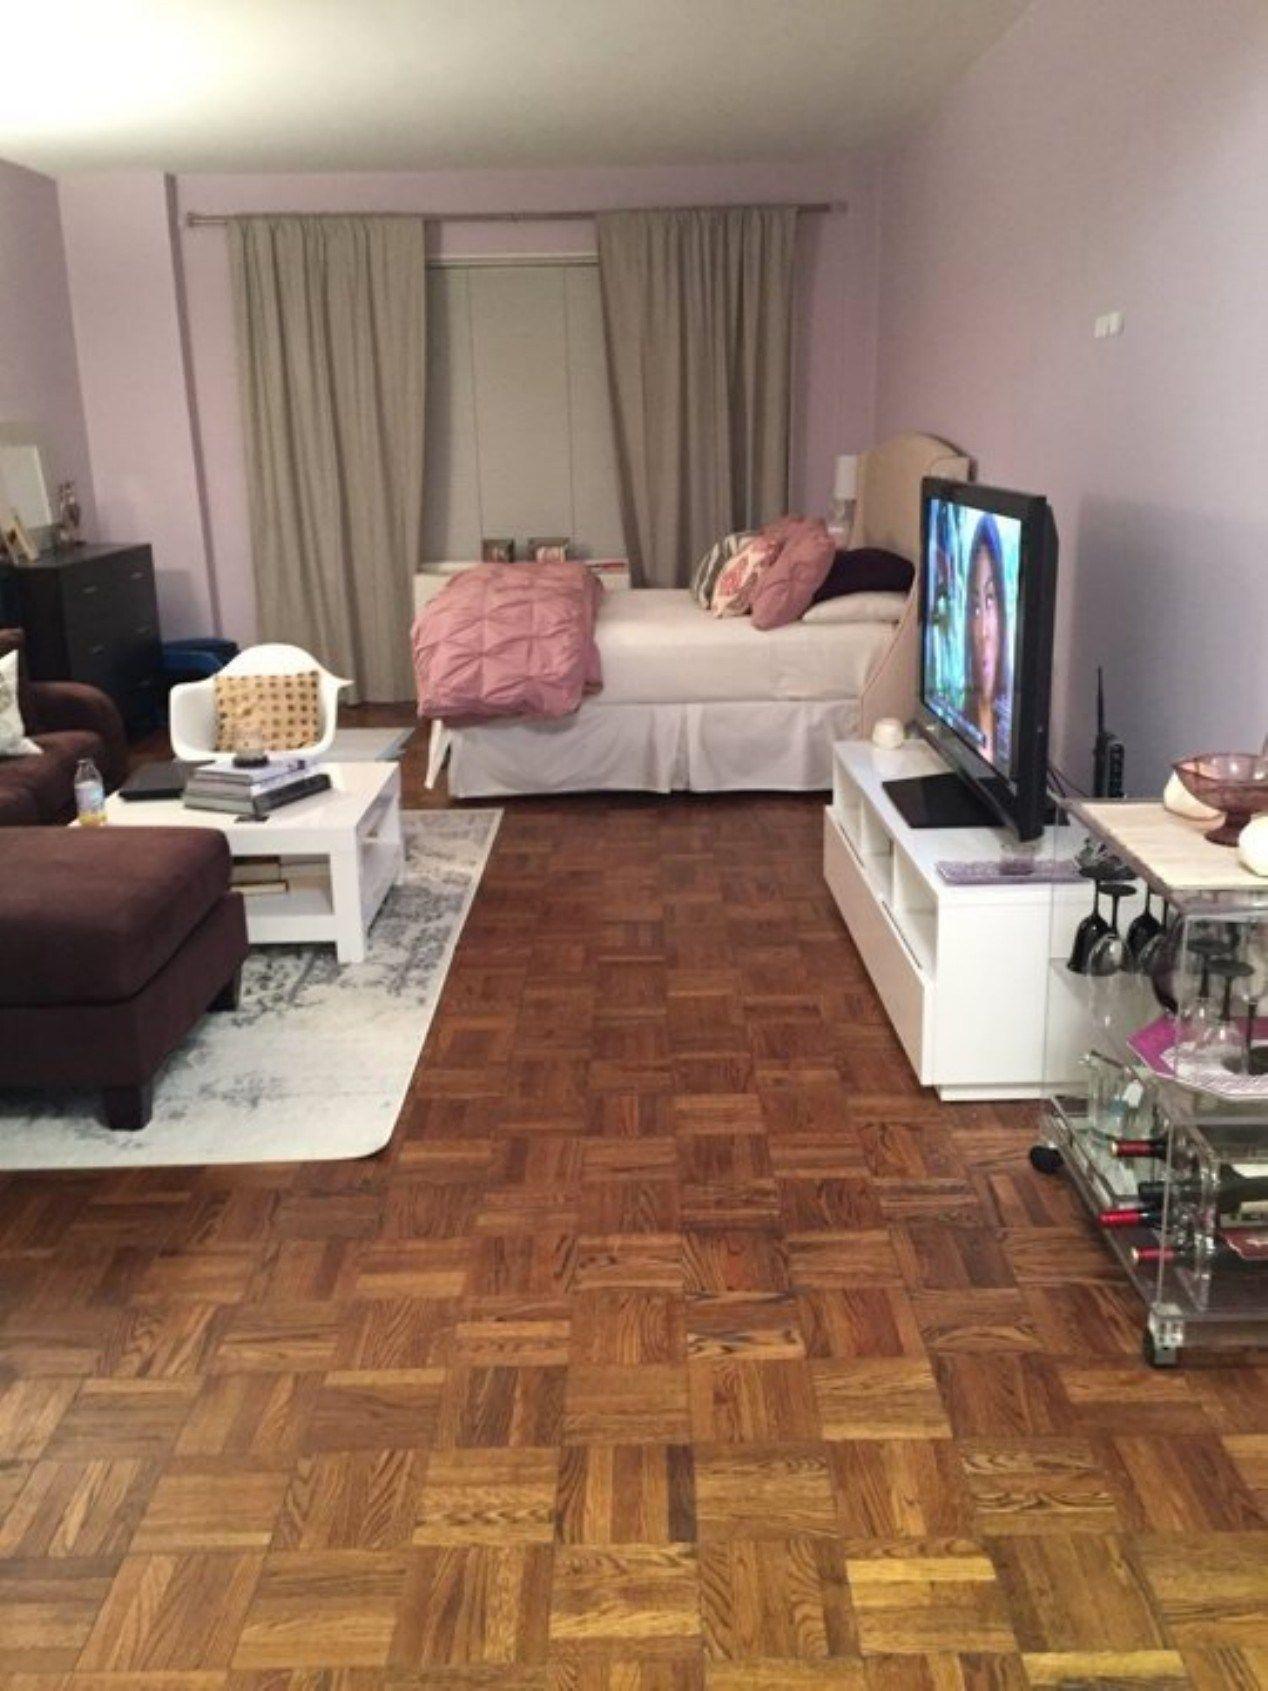 Amazing Efficiency Apartment Decorating Ideas 2 Stylish